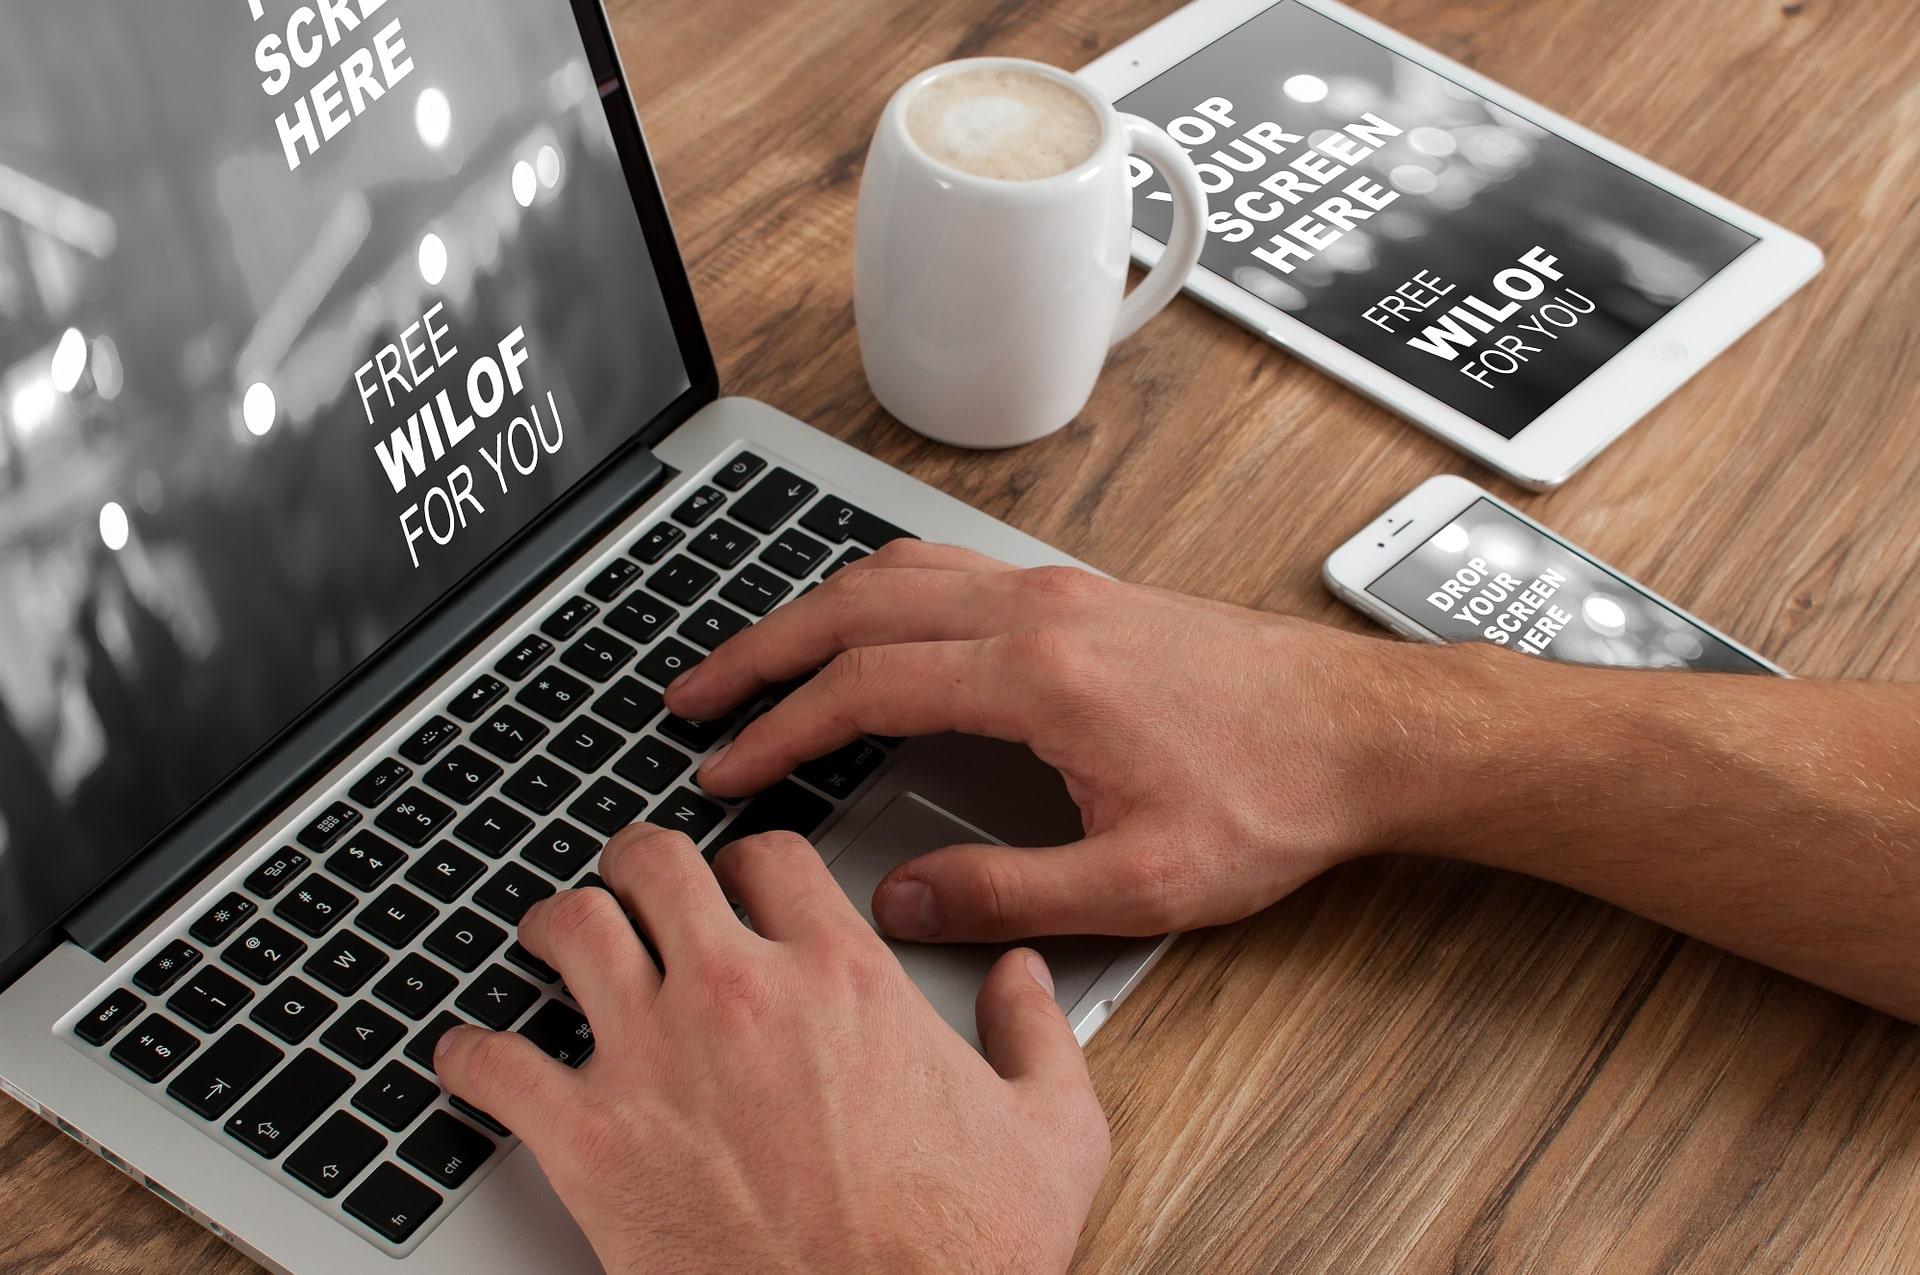 Et godt webbureau er noget man kan bruge